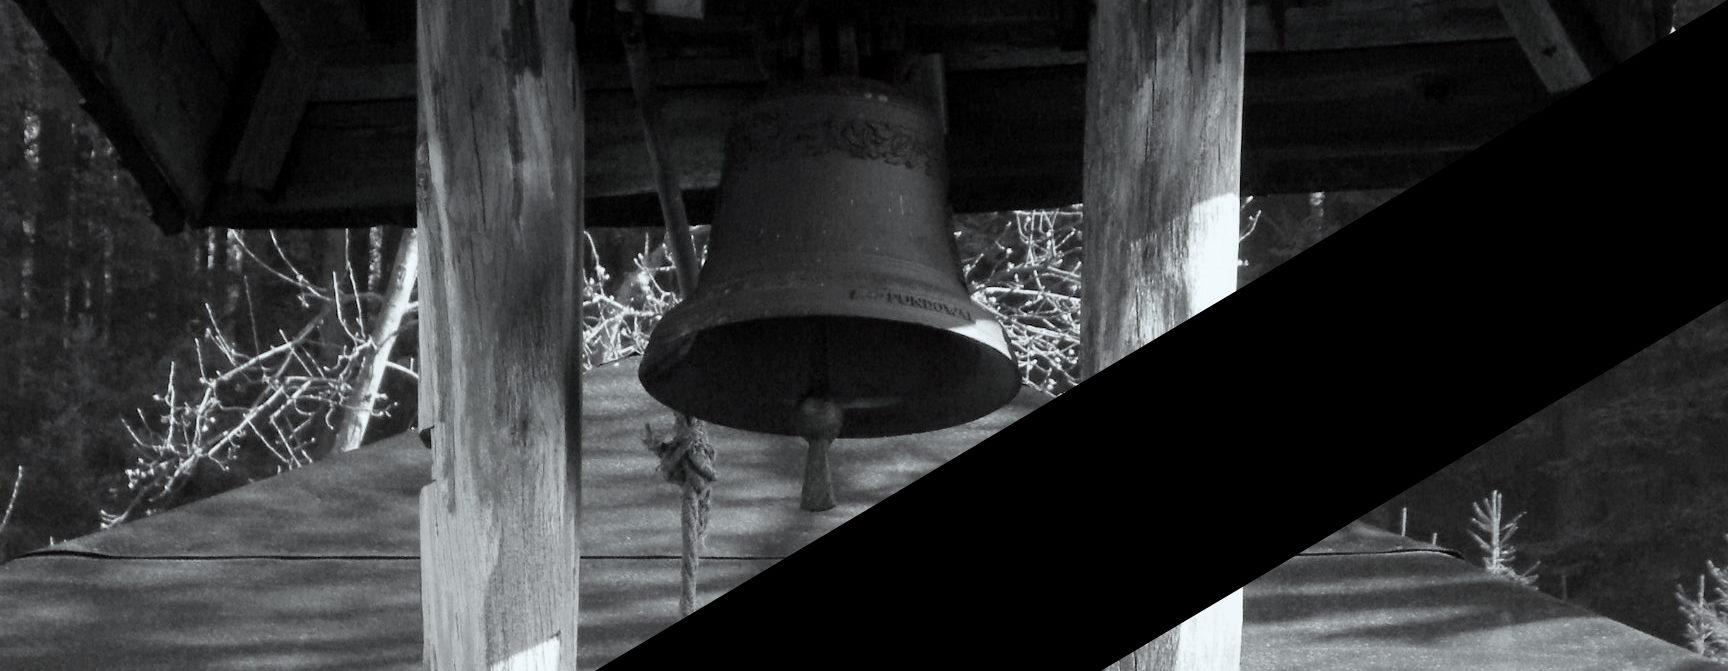 <p>Smutek nad úmrtím Václava Havla (skautskou přezdívkou Chrobák) je veliký i v naší zapadlé dědině, proto jsme se přidali k výzvě arcibiskupa Dominika Duky, který prosil, aby se rozezněly zvony v 18. hodině. Umíráček byl zvoněn na zvoničce ve Velkém Lipovém Štěpánem Foldynou. Také se zvonilo v moráveckém kostele.</p> <p></p> <p>Jak to znělo si Vám dovoluji zprostředkovat díky nahrávce, ale některé pocity se sdílejí jen těžce…</p> <p>Aktualizace: Velice se omlouvám za nekorektní zobrazení, nyní již lze přehrávat!</p> <p>Nahrávku spustíte kliknutím na tlačítko play.</p> <p></p> <p></p> <p>                  Play PauseStop     HIDE [...]